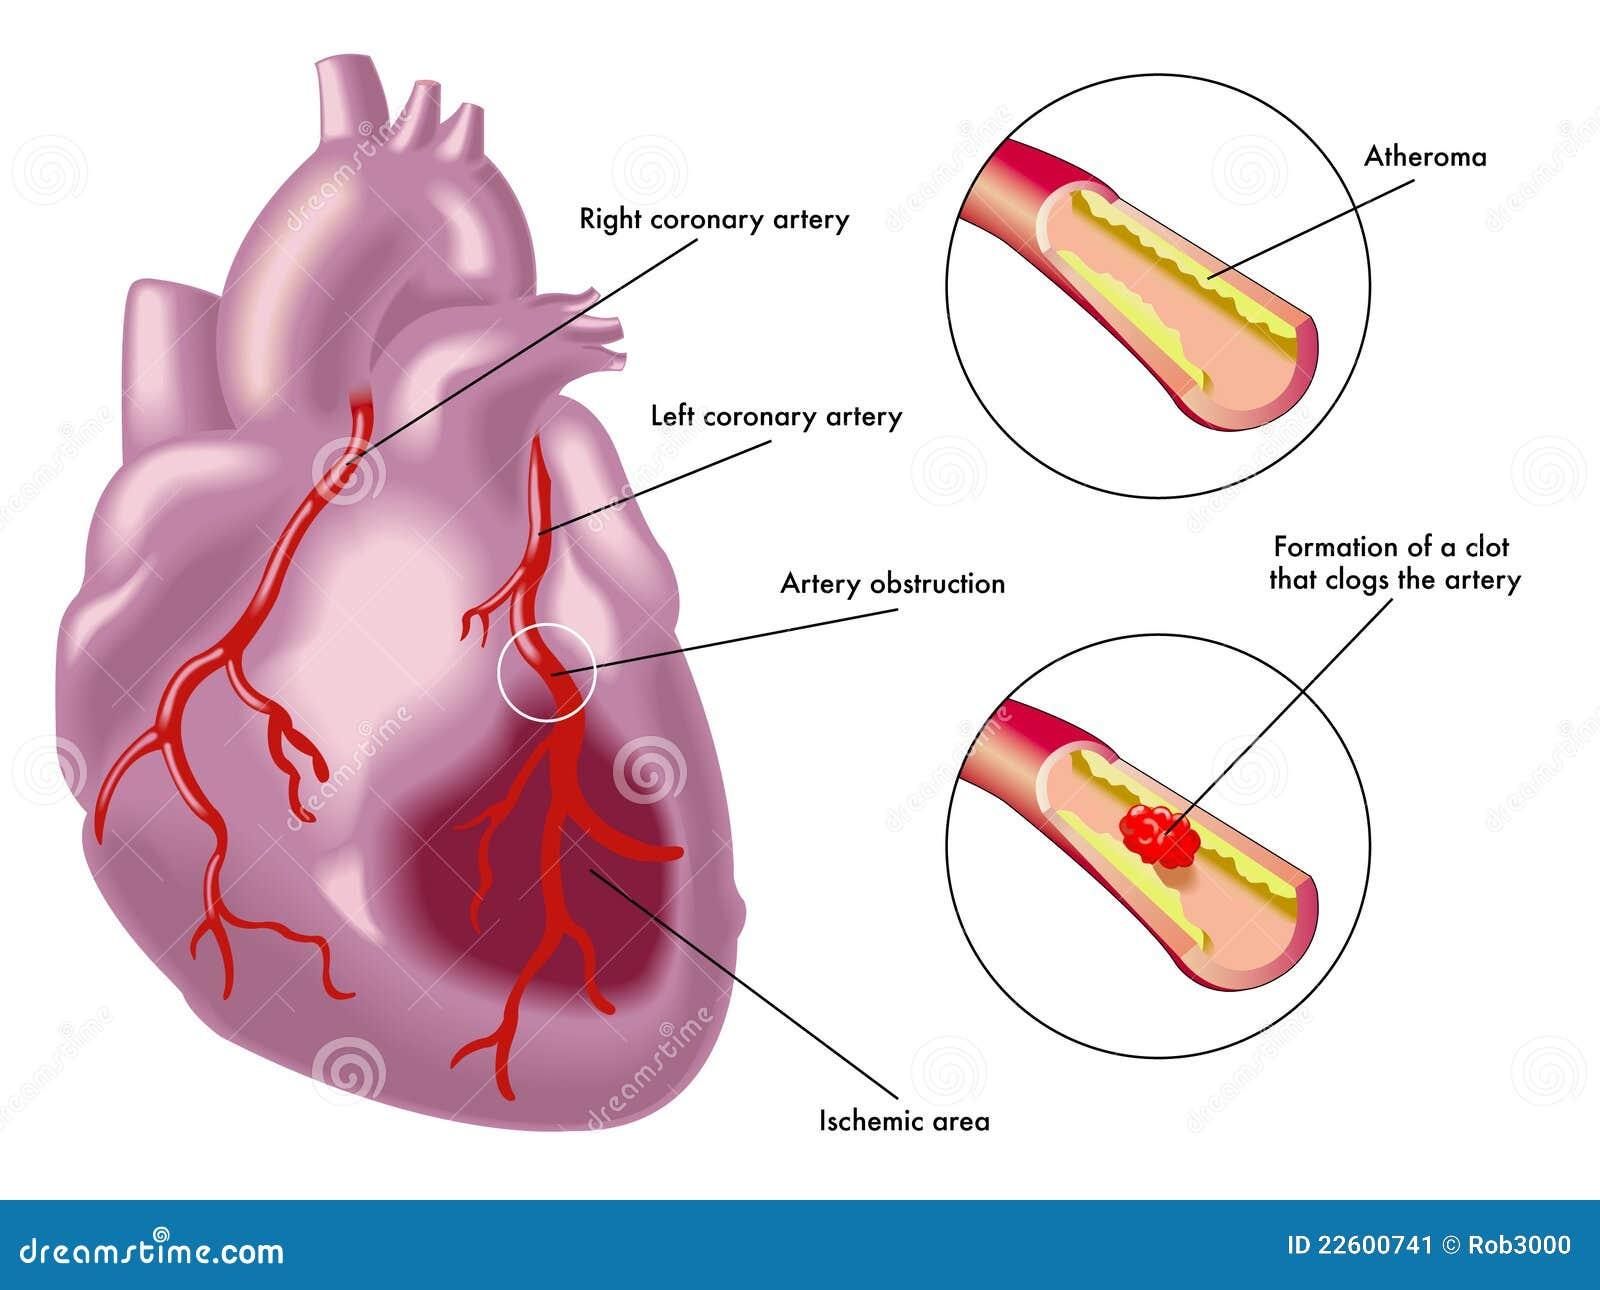 Myokardiale Infarktbildung